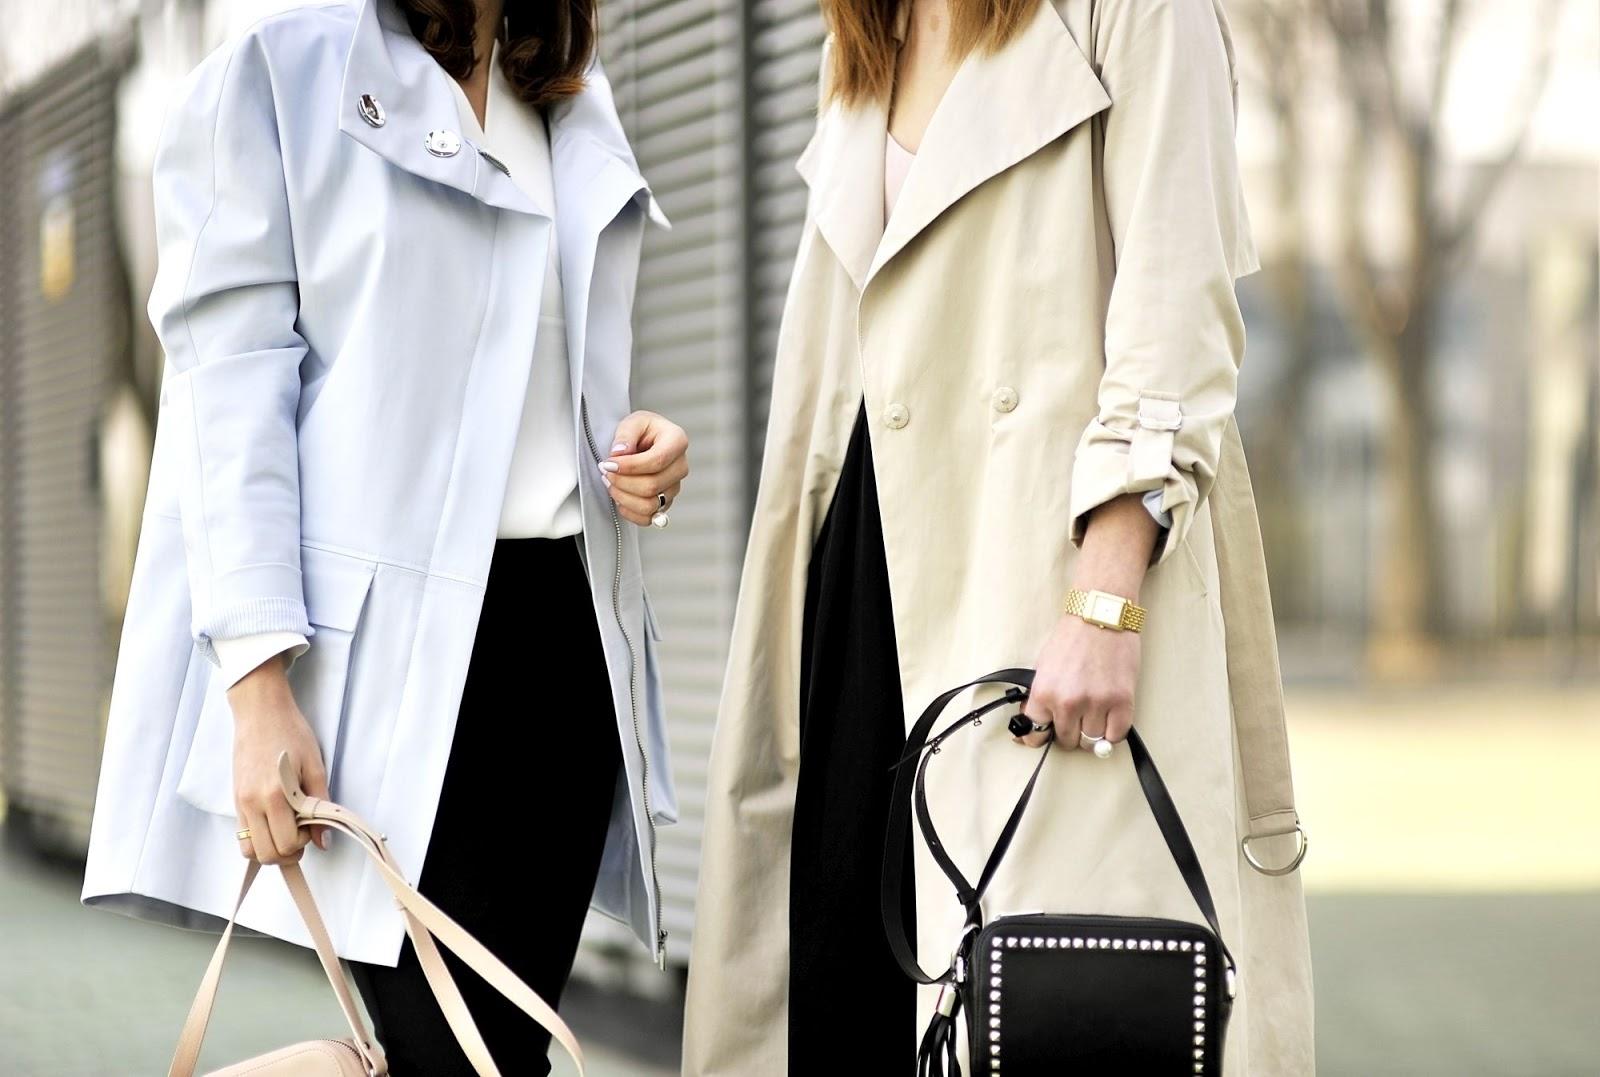 plaszcz | prochowiec | tallinder | blogi o modzie